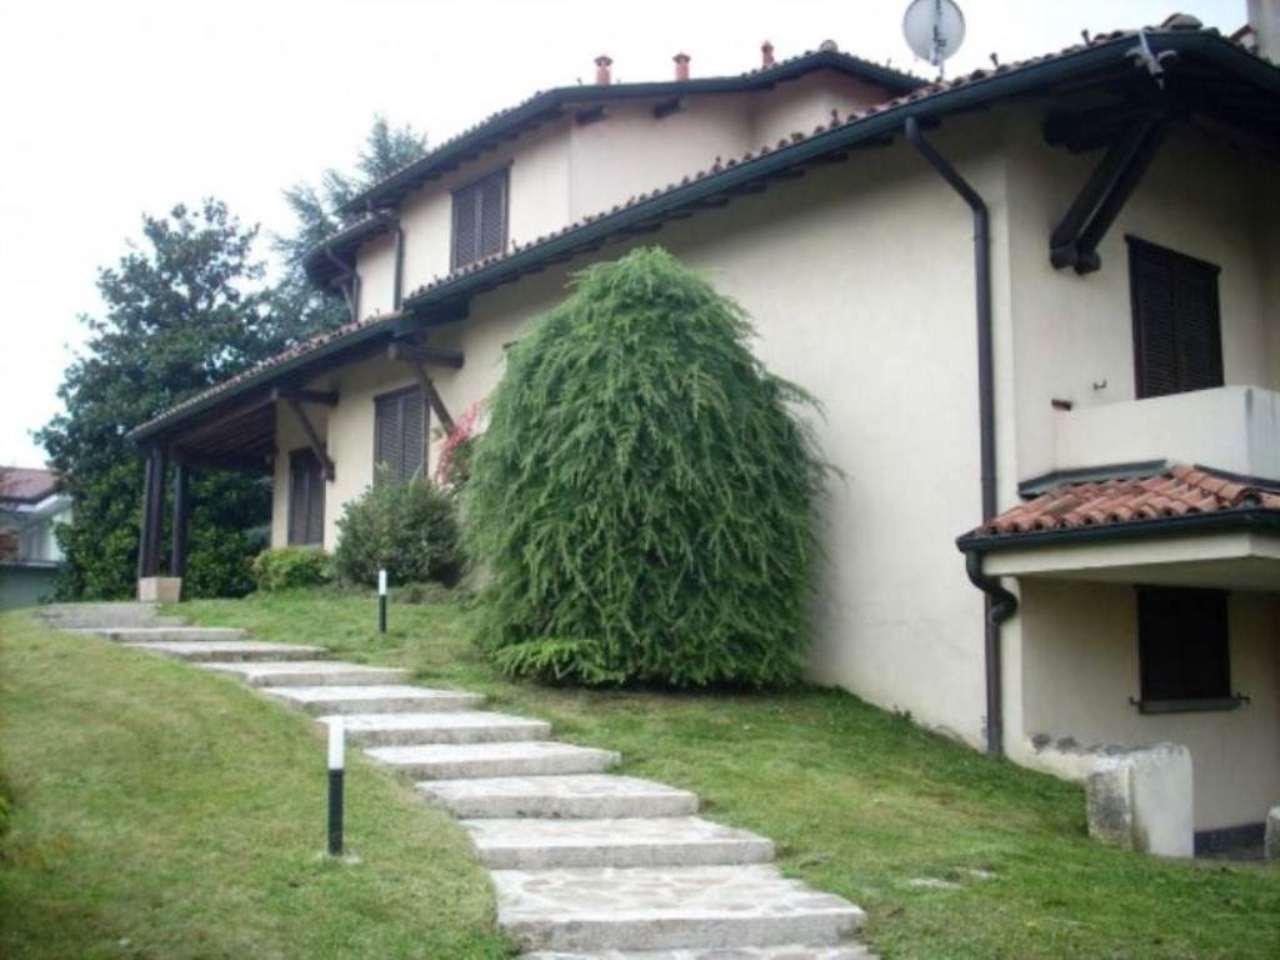 Villa in vendita a Mozzanica, 5 locali, Trattative riservate | Cambio Casa.it